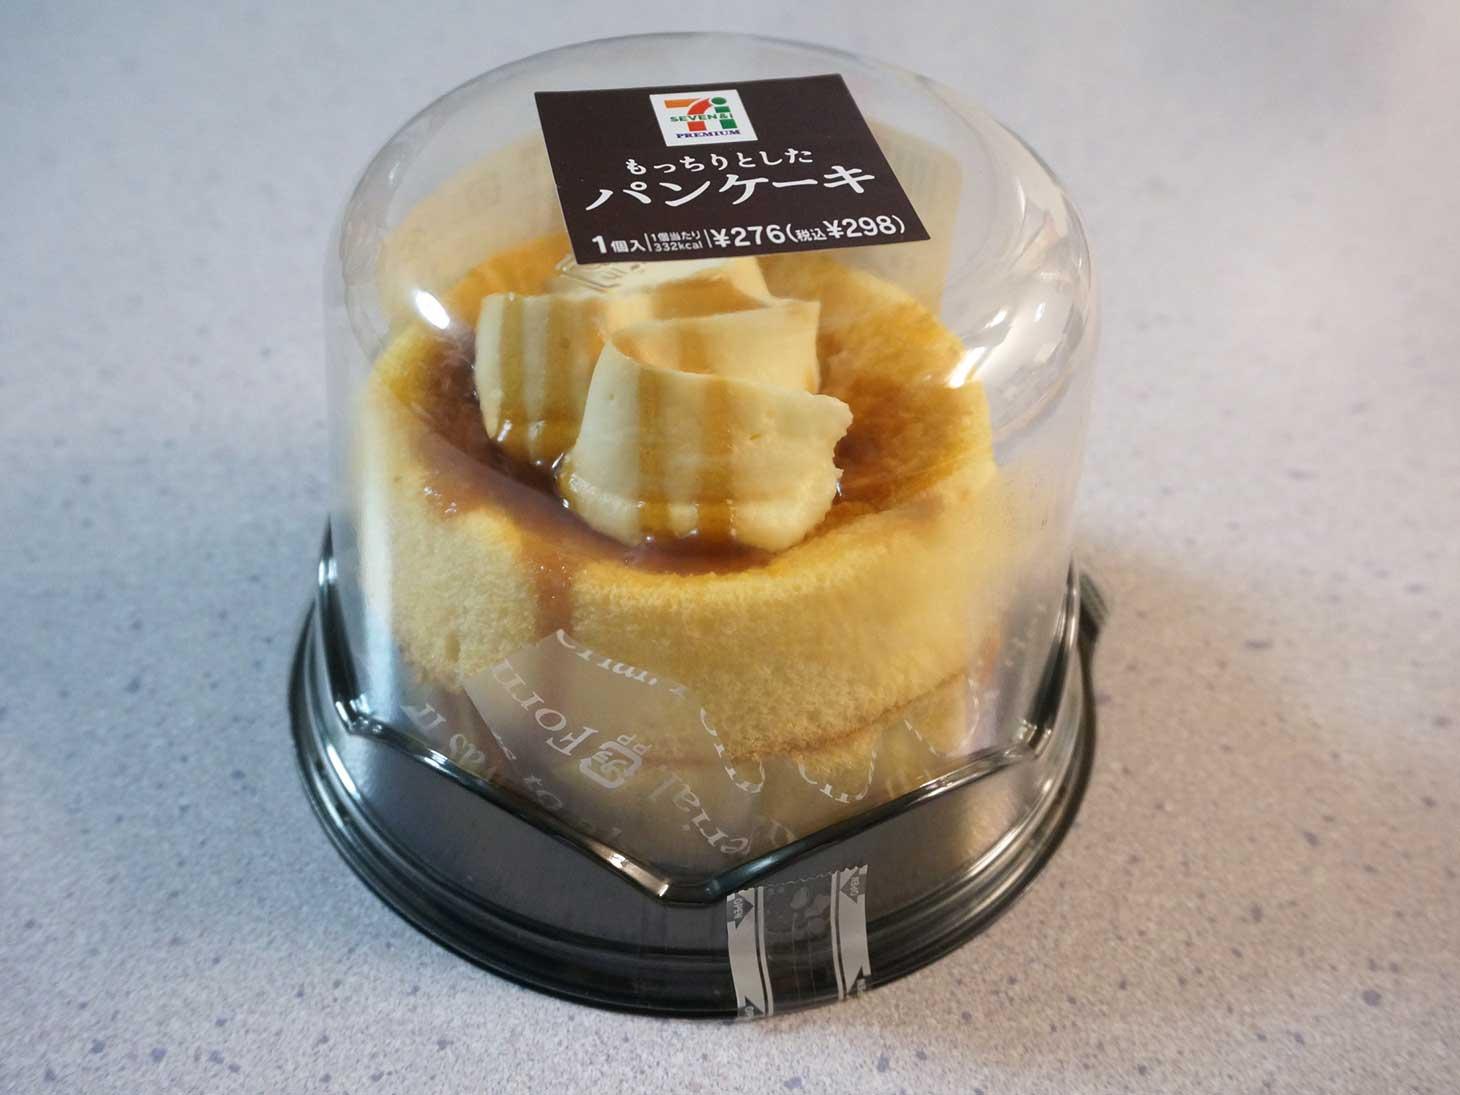 甘い物好きにはたまらない!セブンイレブンの種類豊富な極上デザートのサムネイル画像